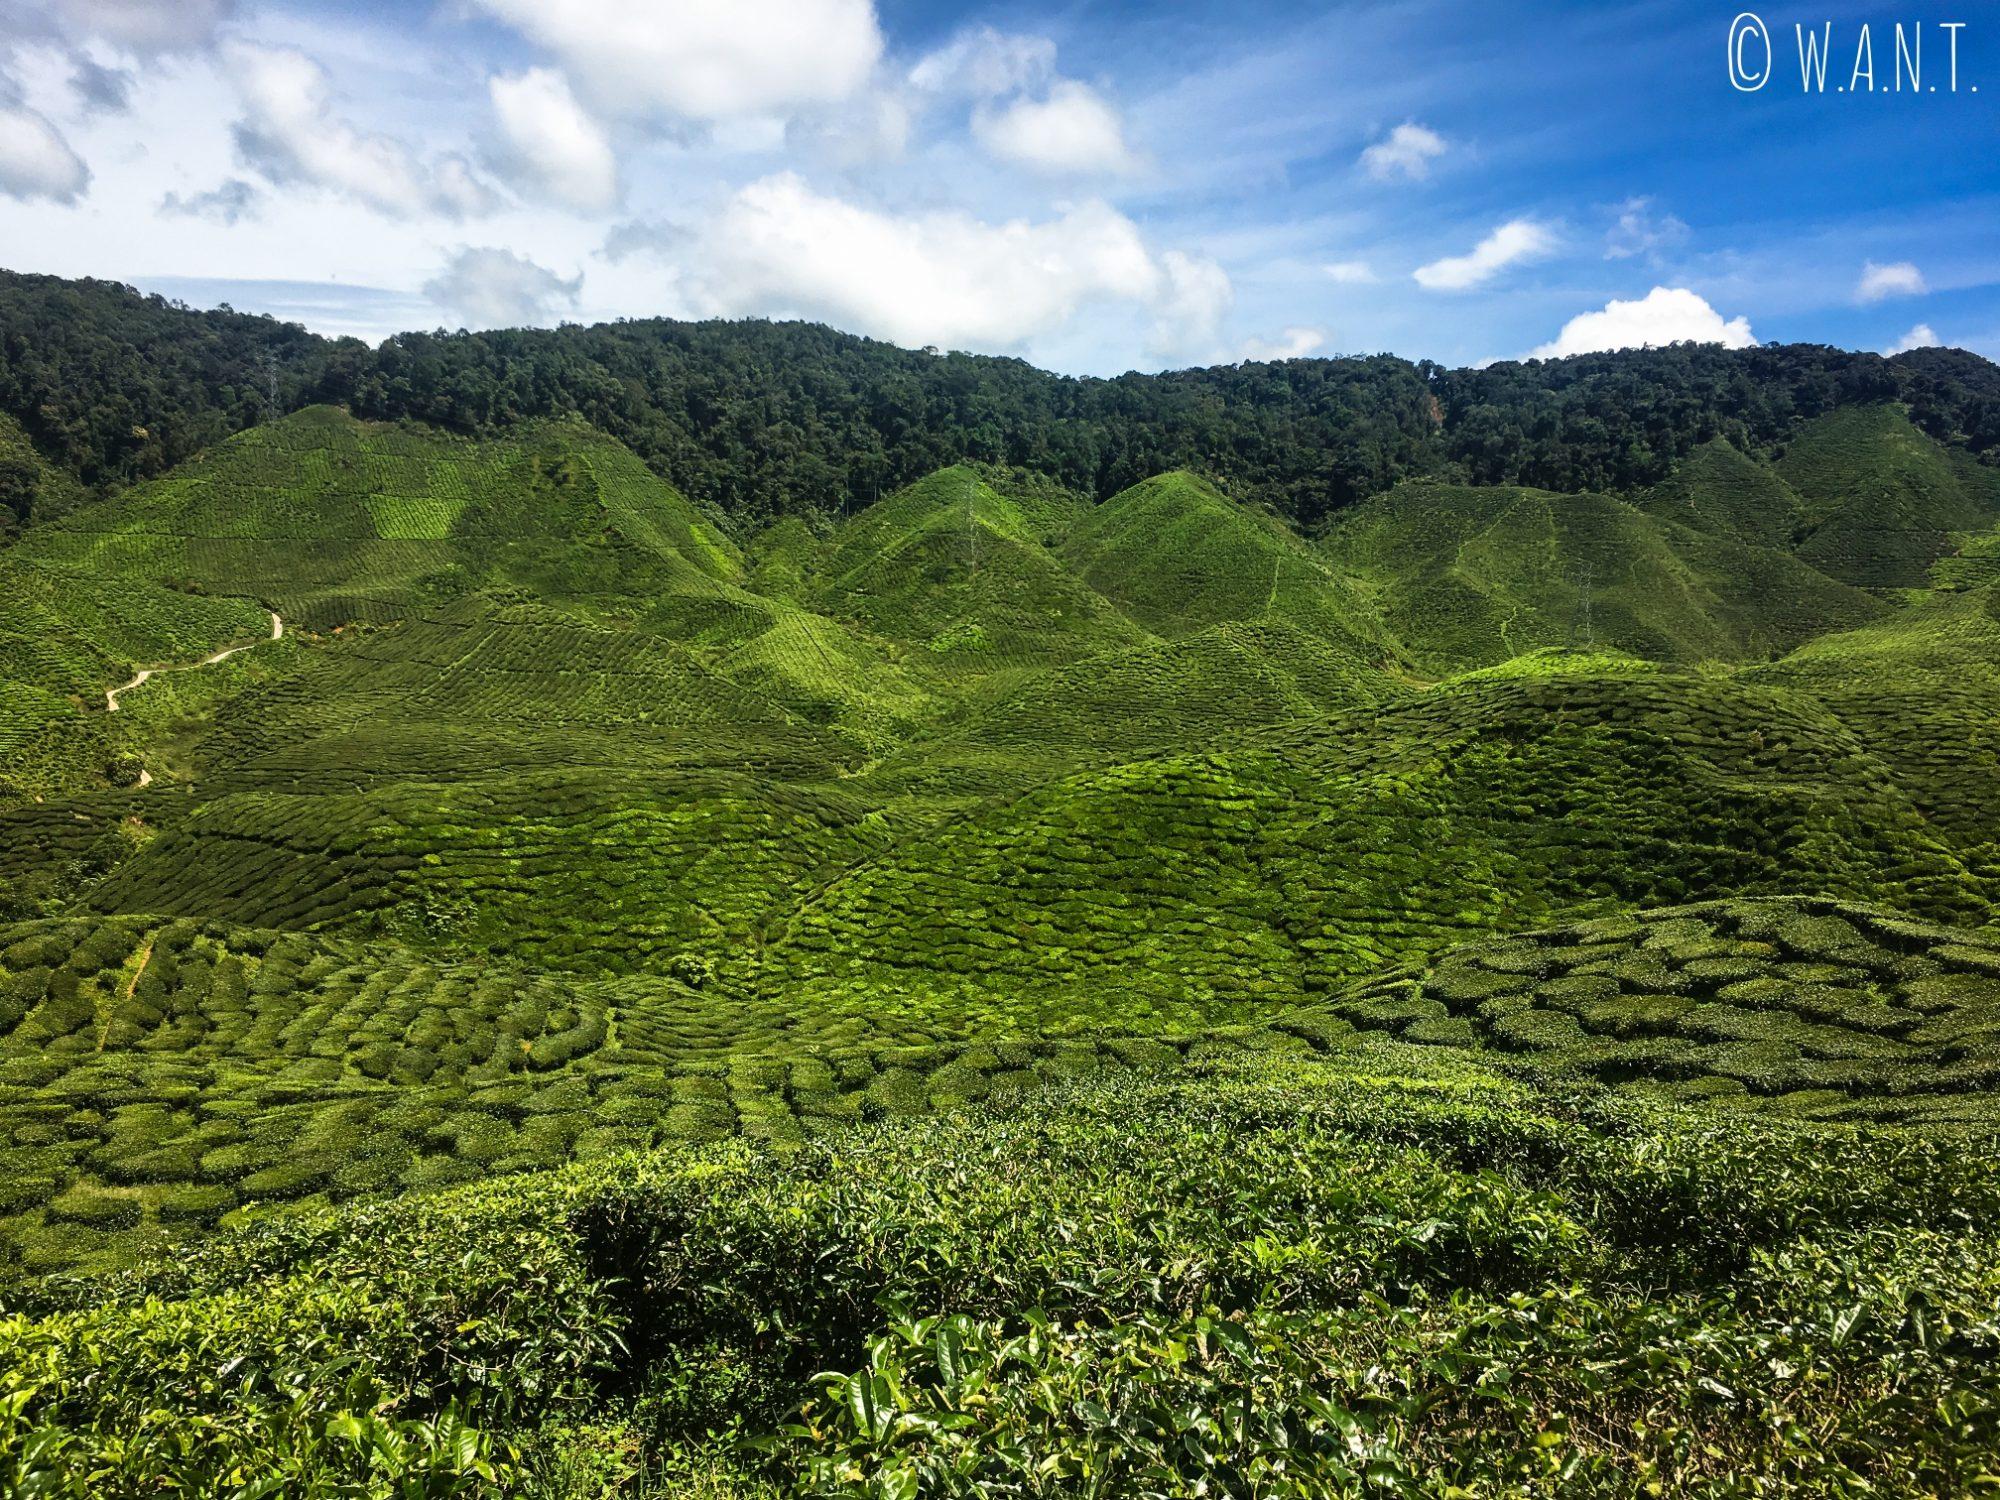 A perte de vue, nous ne voyons que des plants de thé sur le trail numéro 6 des Cameron Highlands